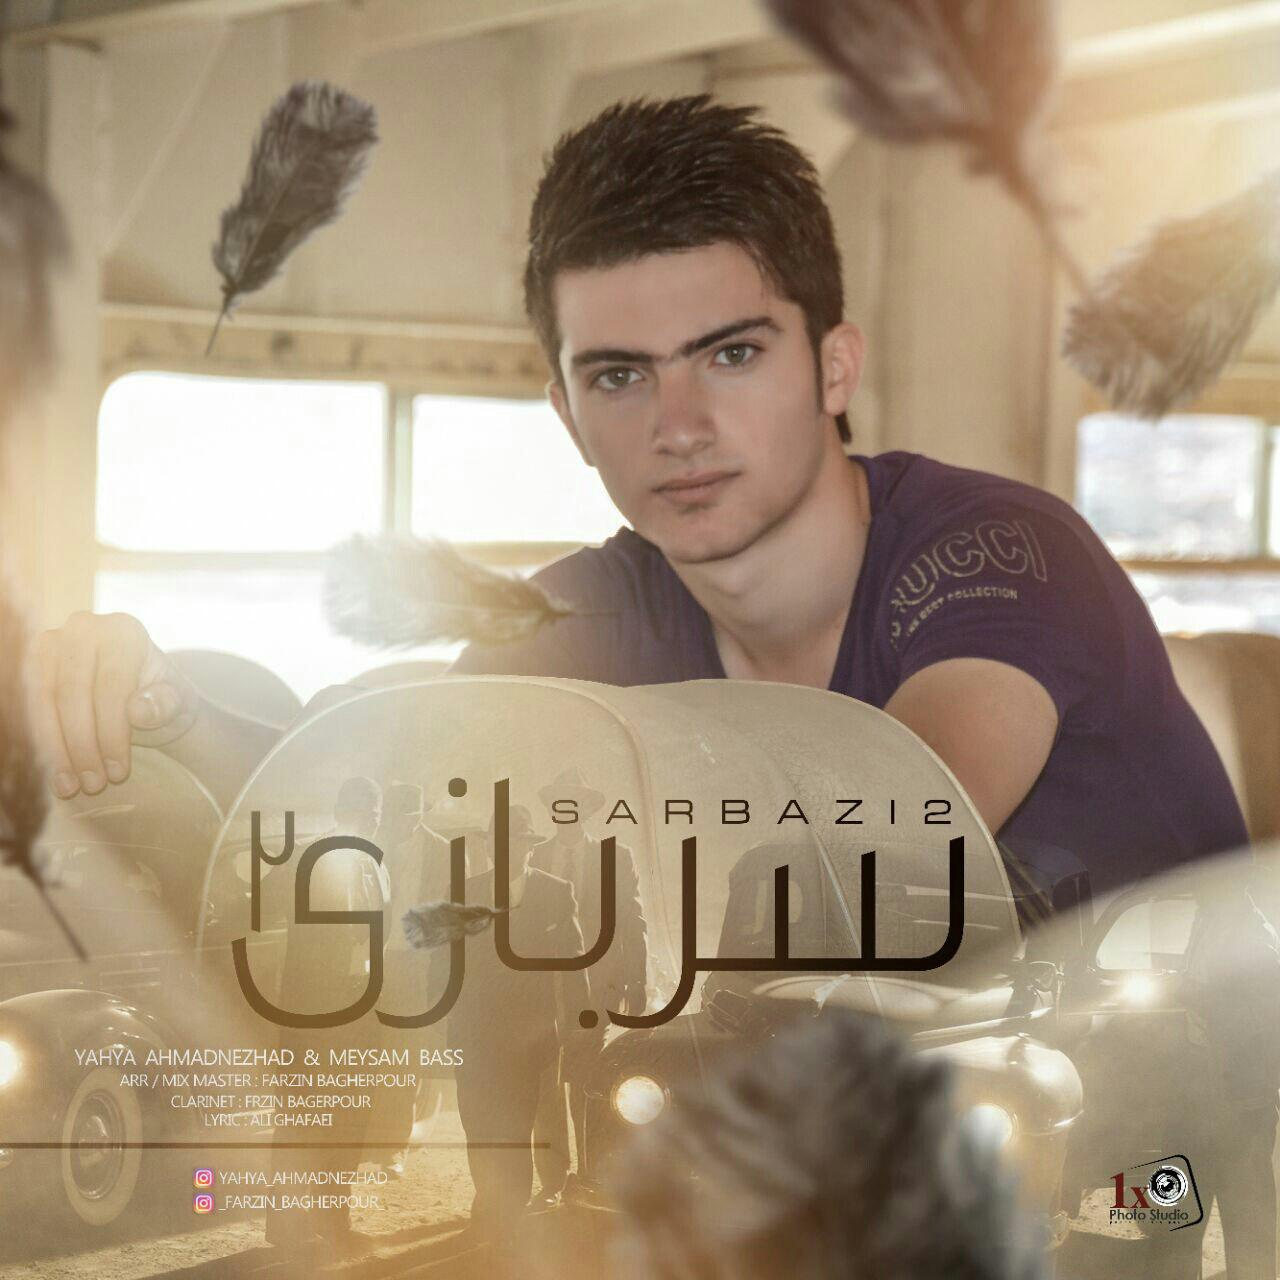 دانلود آهنگ جدید یحیی احمدزاده بنام سربازی2